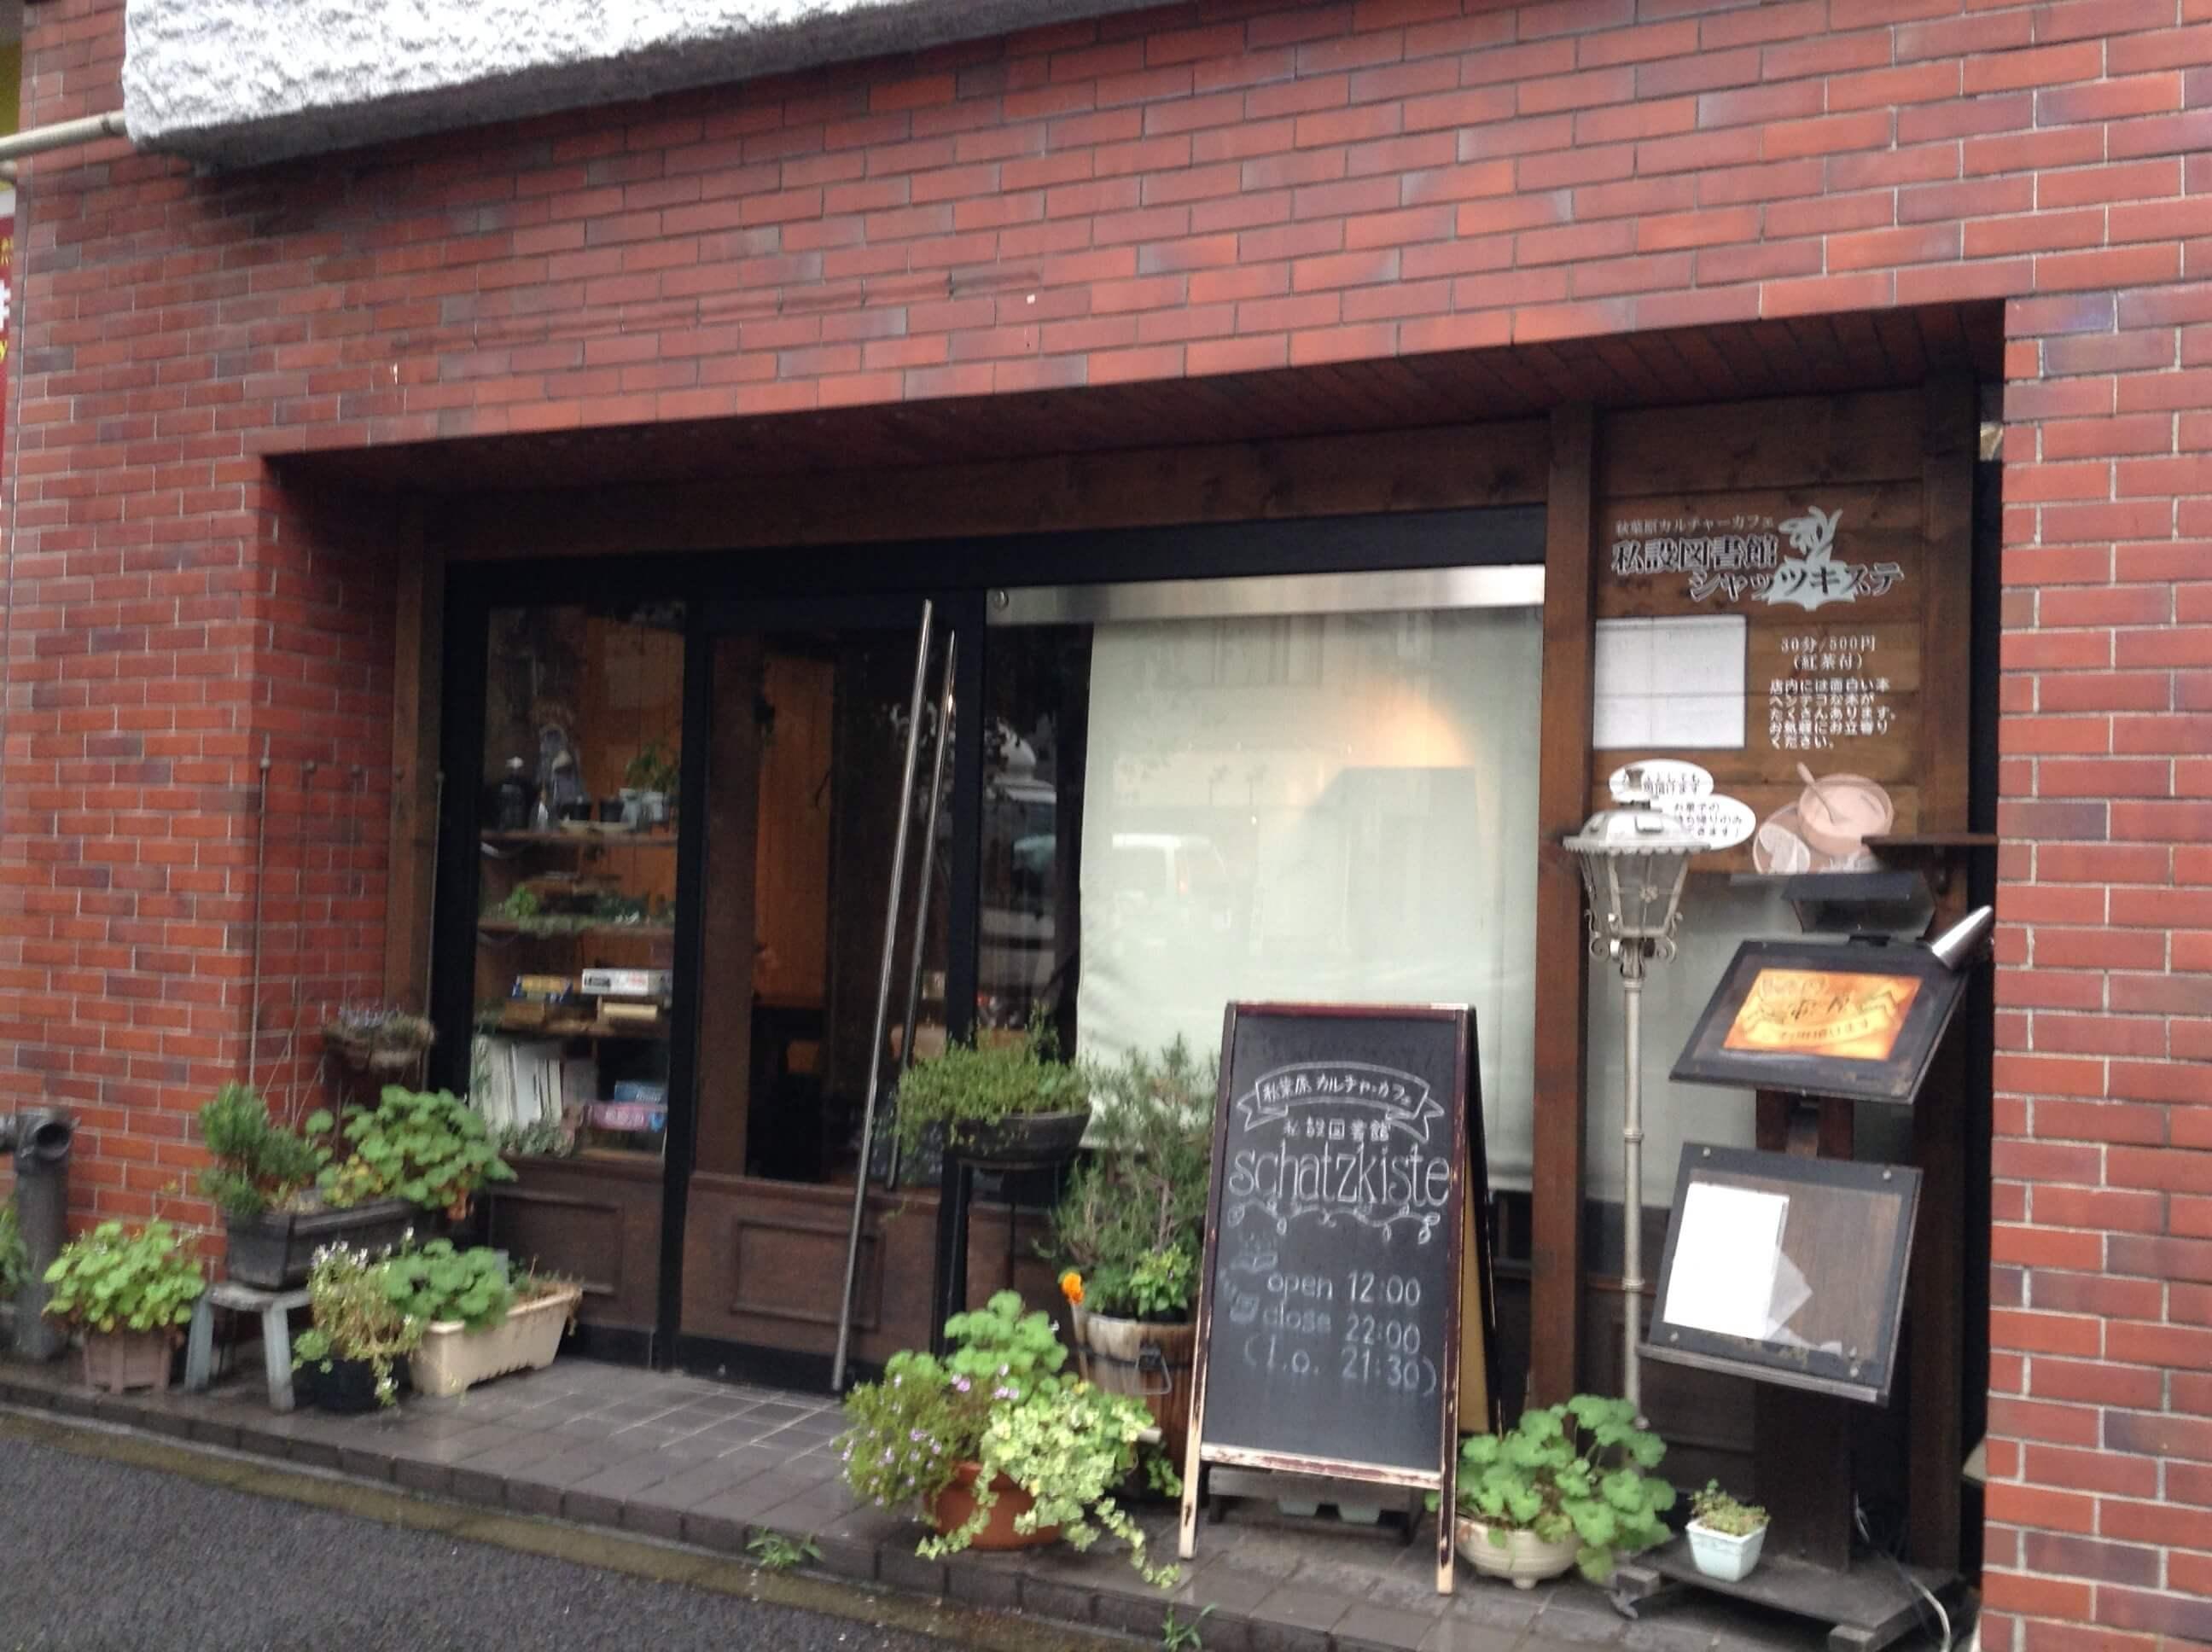 落ち着いた雰囲気でお一人様でも入りやすい、秋葉原のメイド喫茶「シャッツキステ」